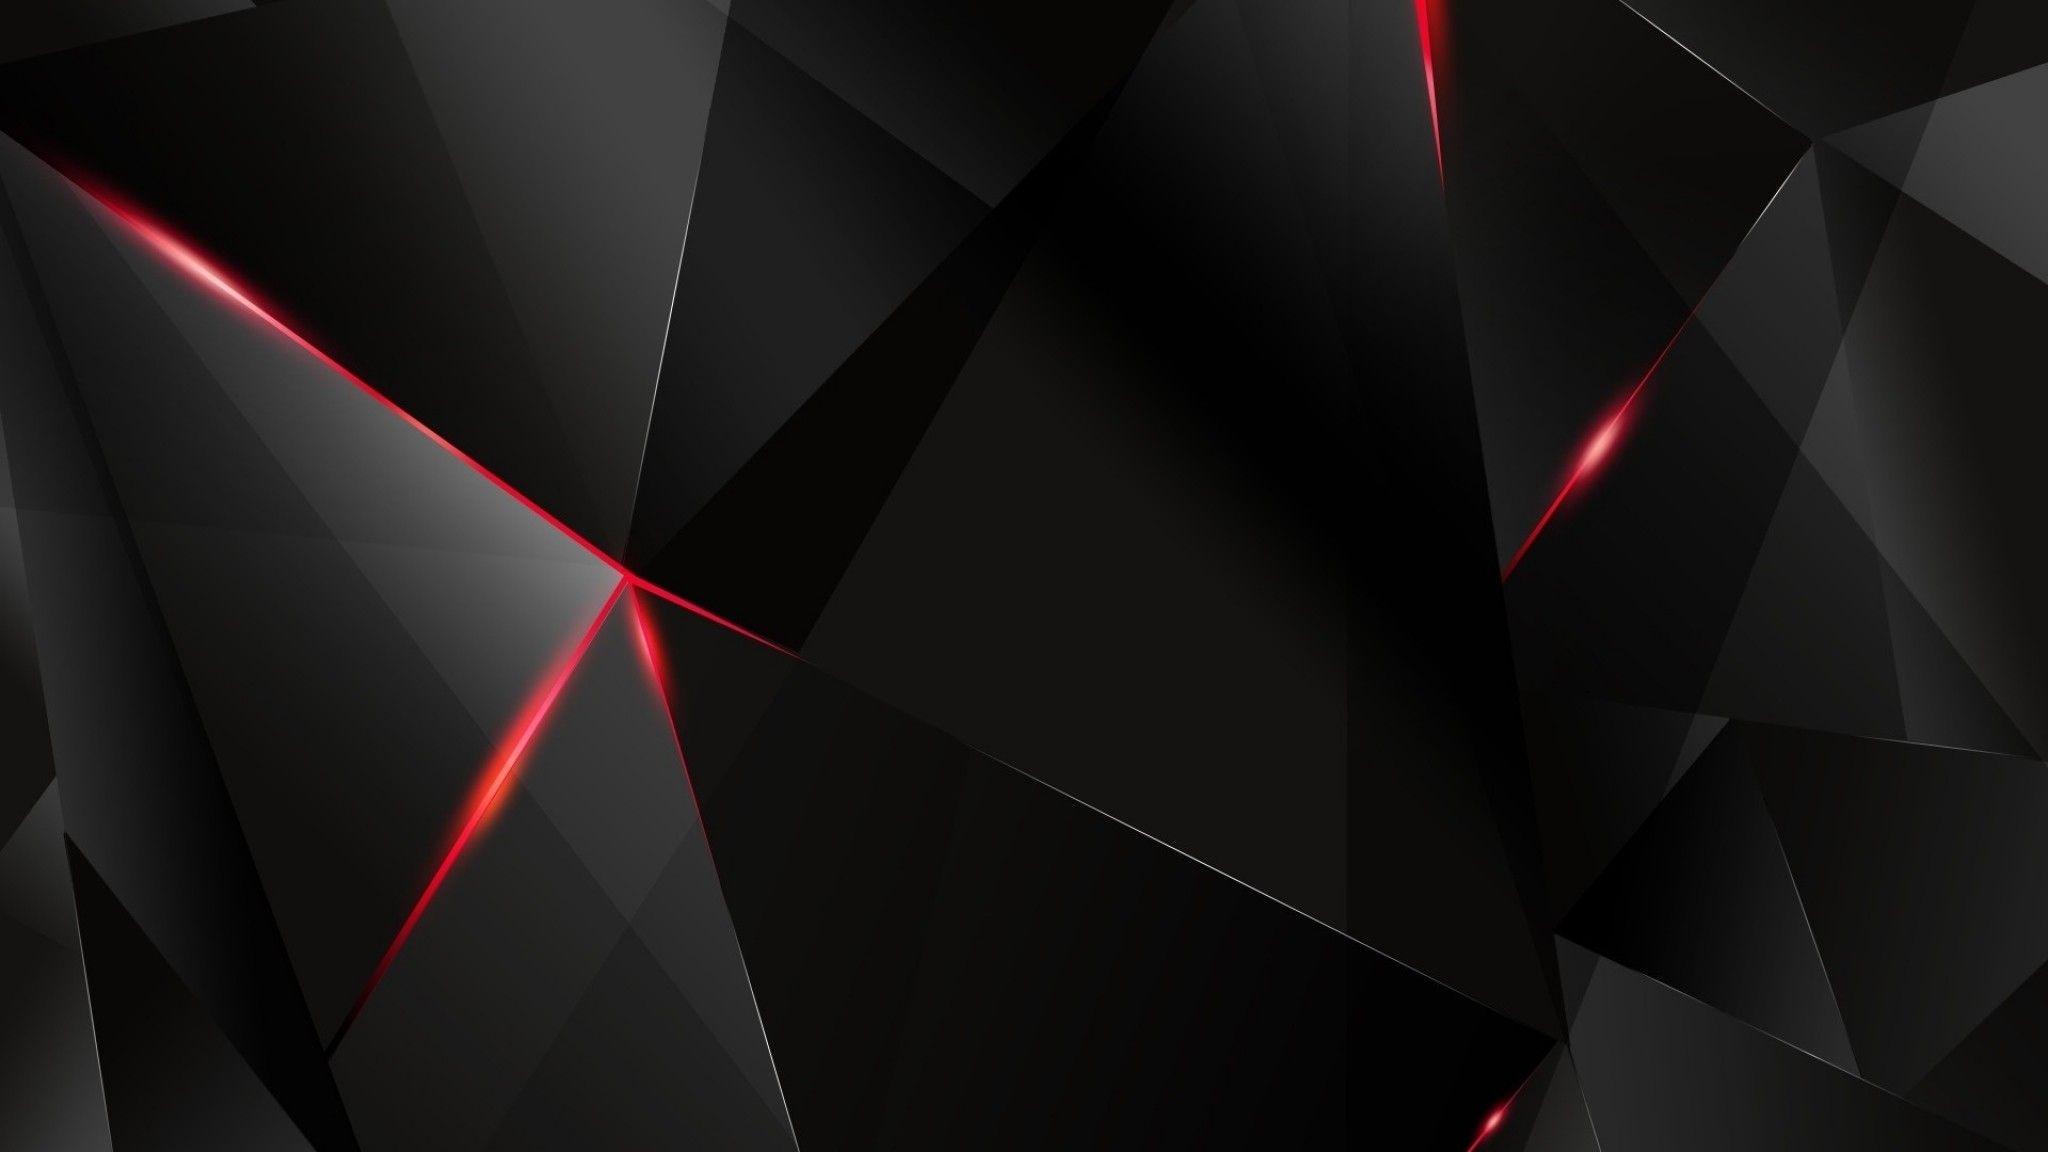 2048x1152 Wallpaper 2048x1152 Black Light Dark Figures Hd Hd Background Red And Black Wallpaper Dark Black Wallpaper 2048x1152 Wallpapers